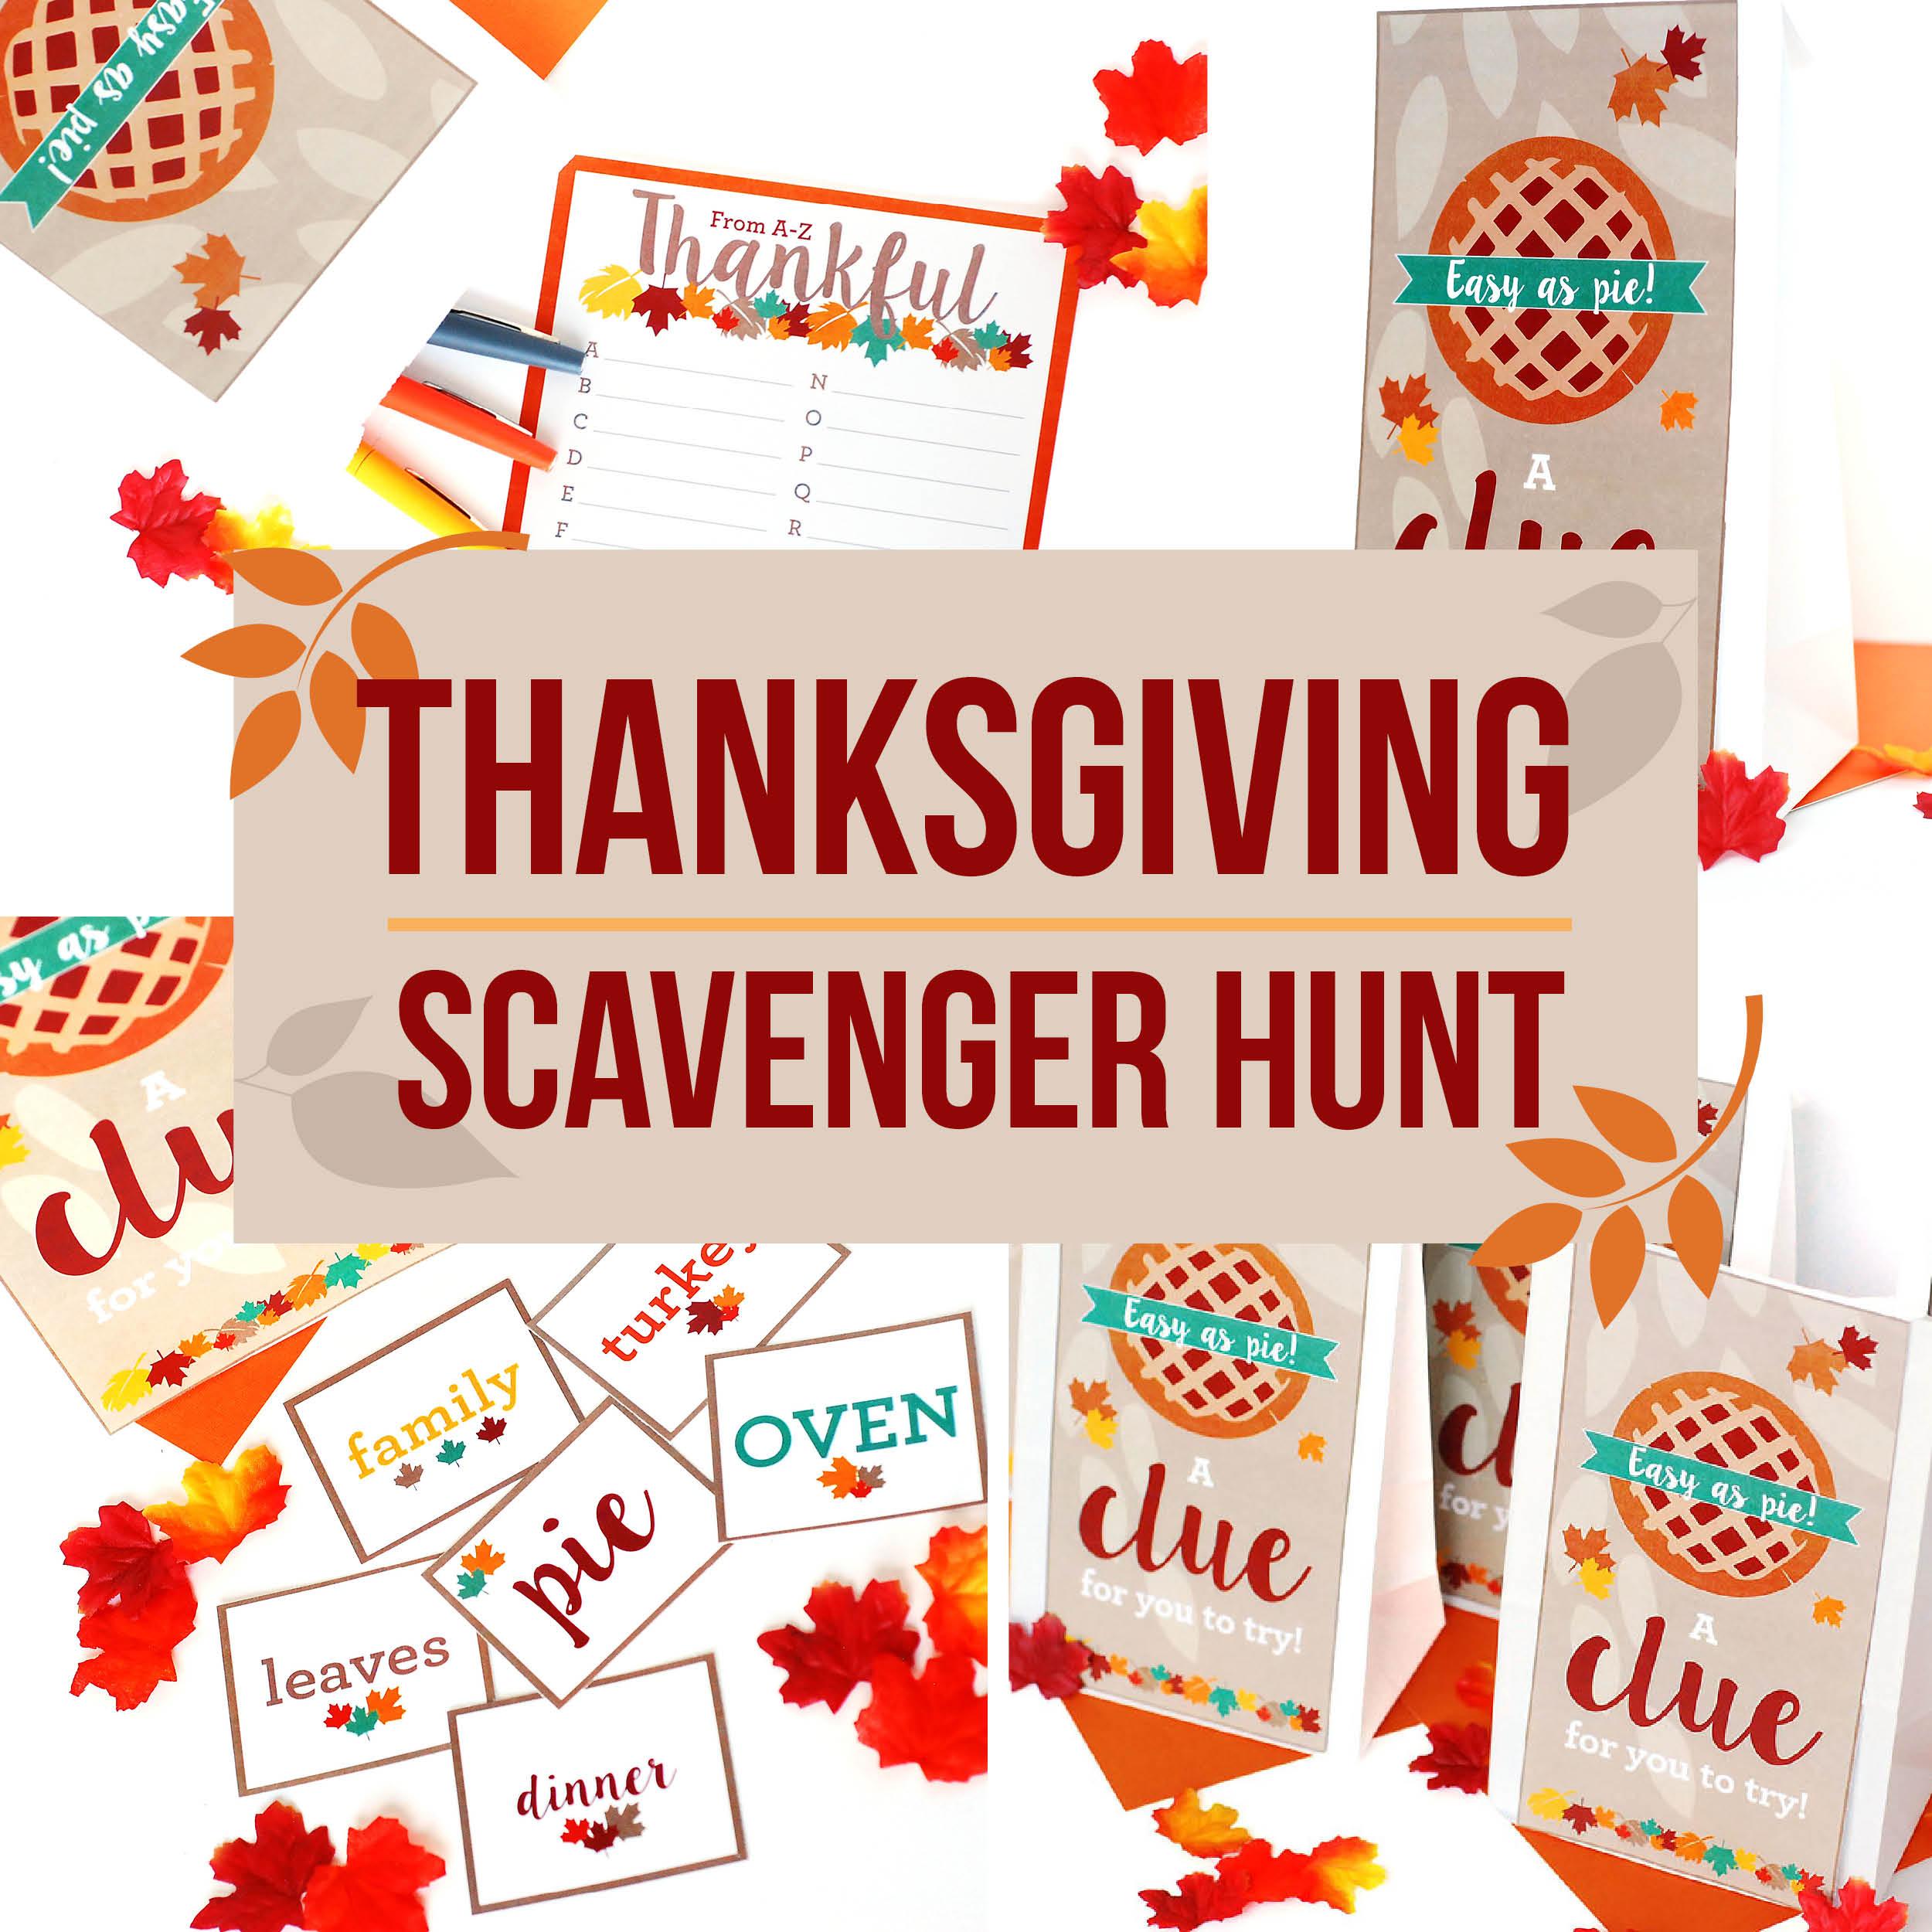 Scavenger Hunt Ideas For Thanksgiving